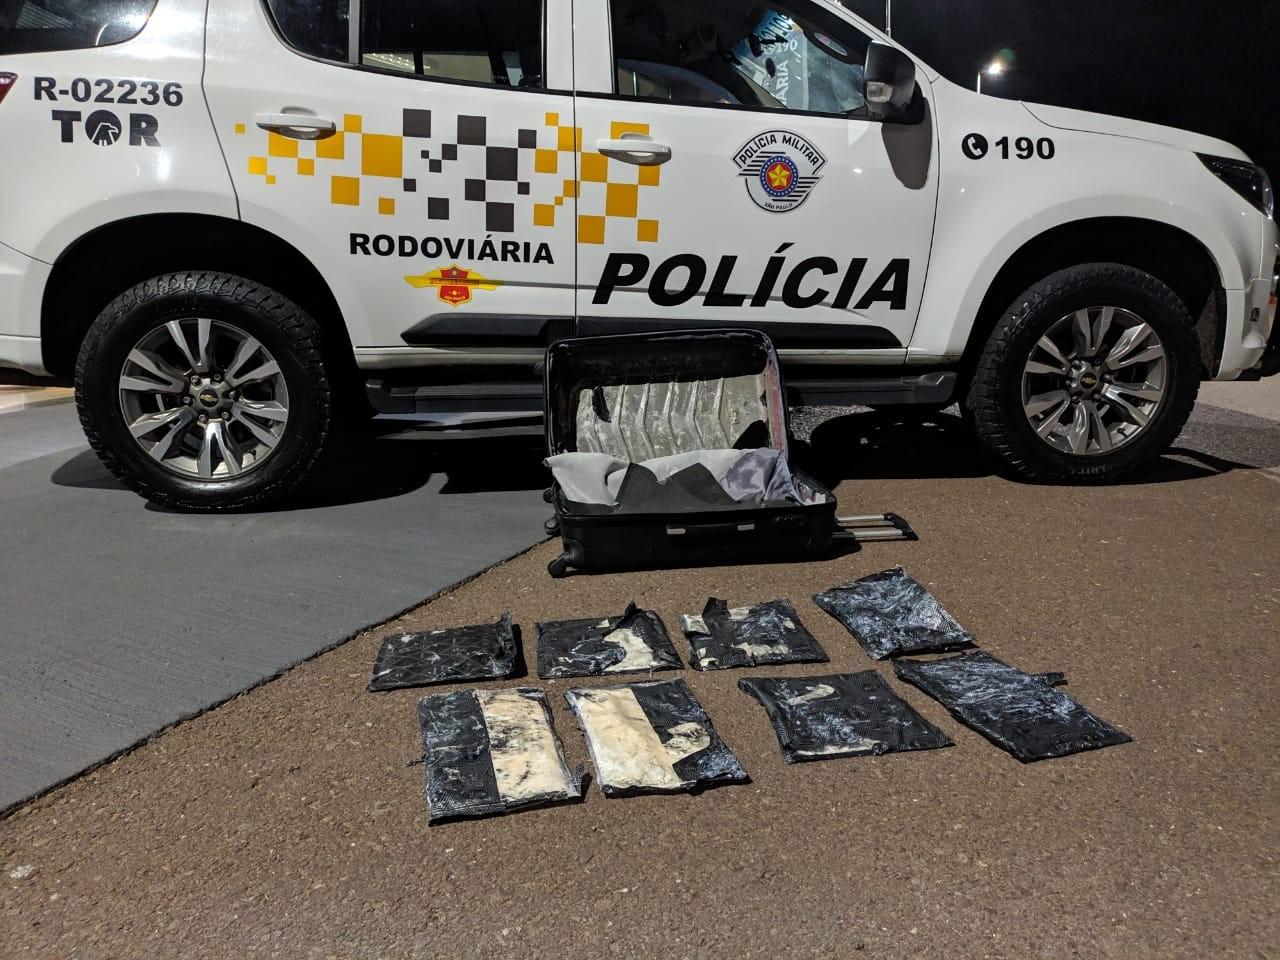 Boliviana é flagrada transportando pasta base de cocaína em ônibus e acaba presa em flagrante